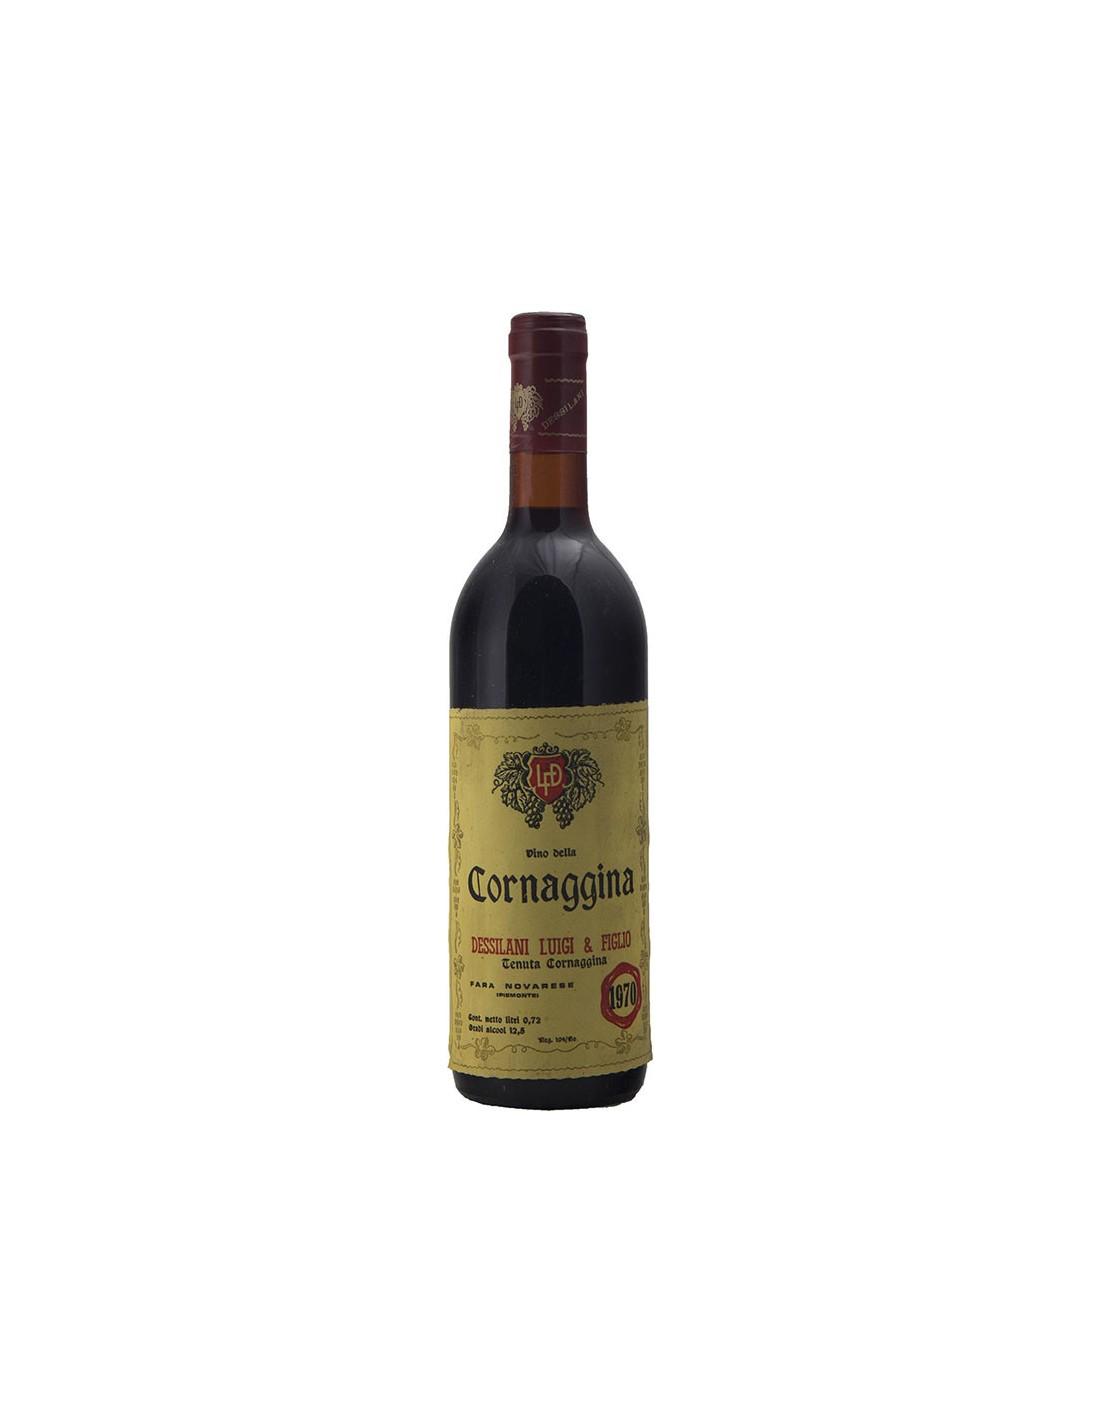 CORNAGGINA 1970 DESSILANI LUIGI Grandi Bottiglie